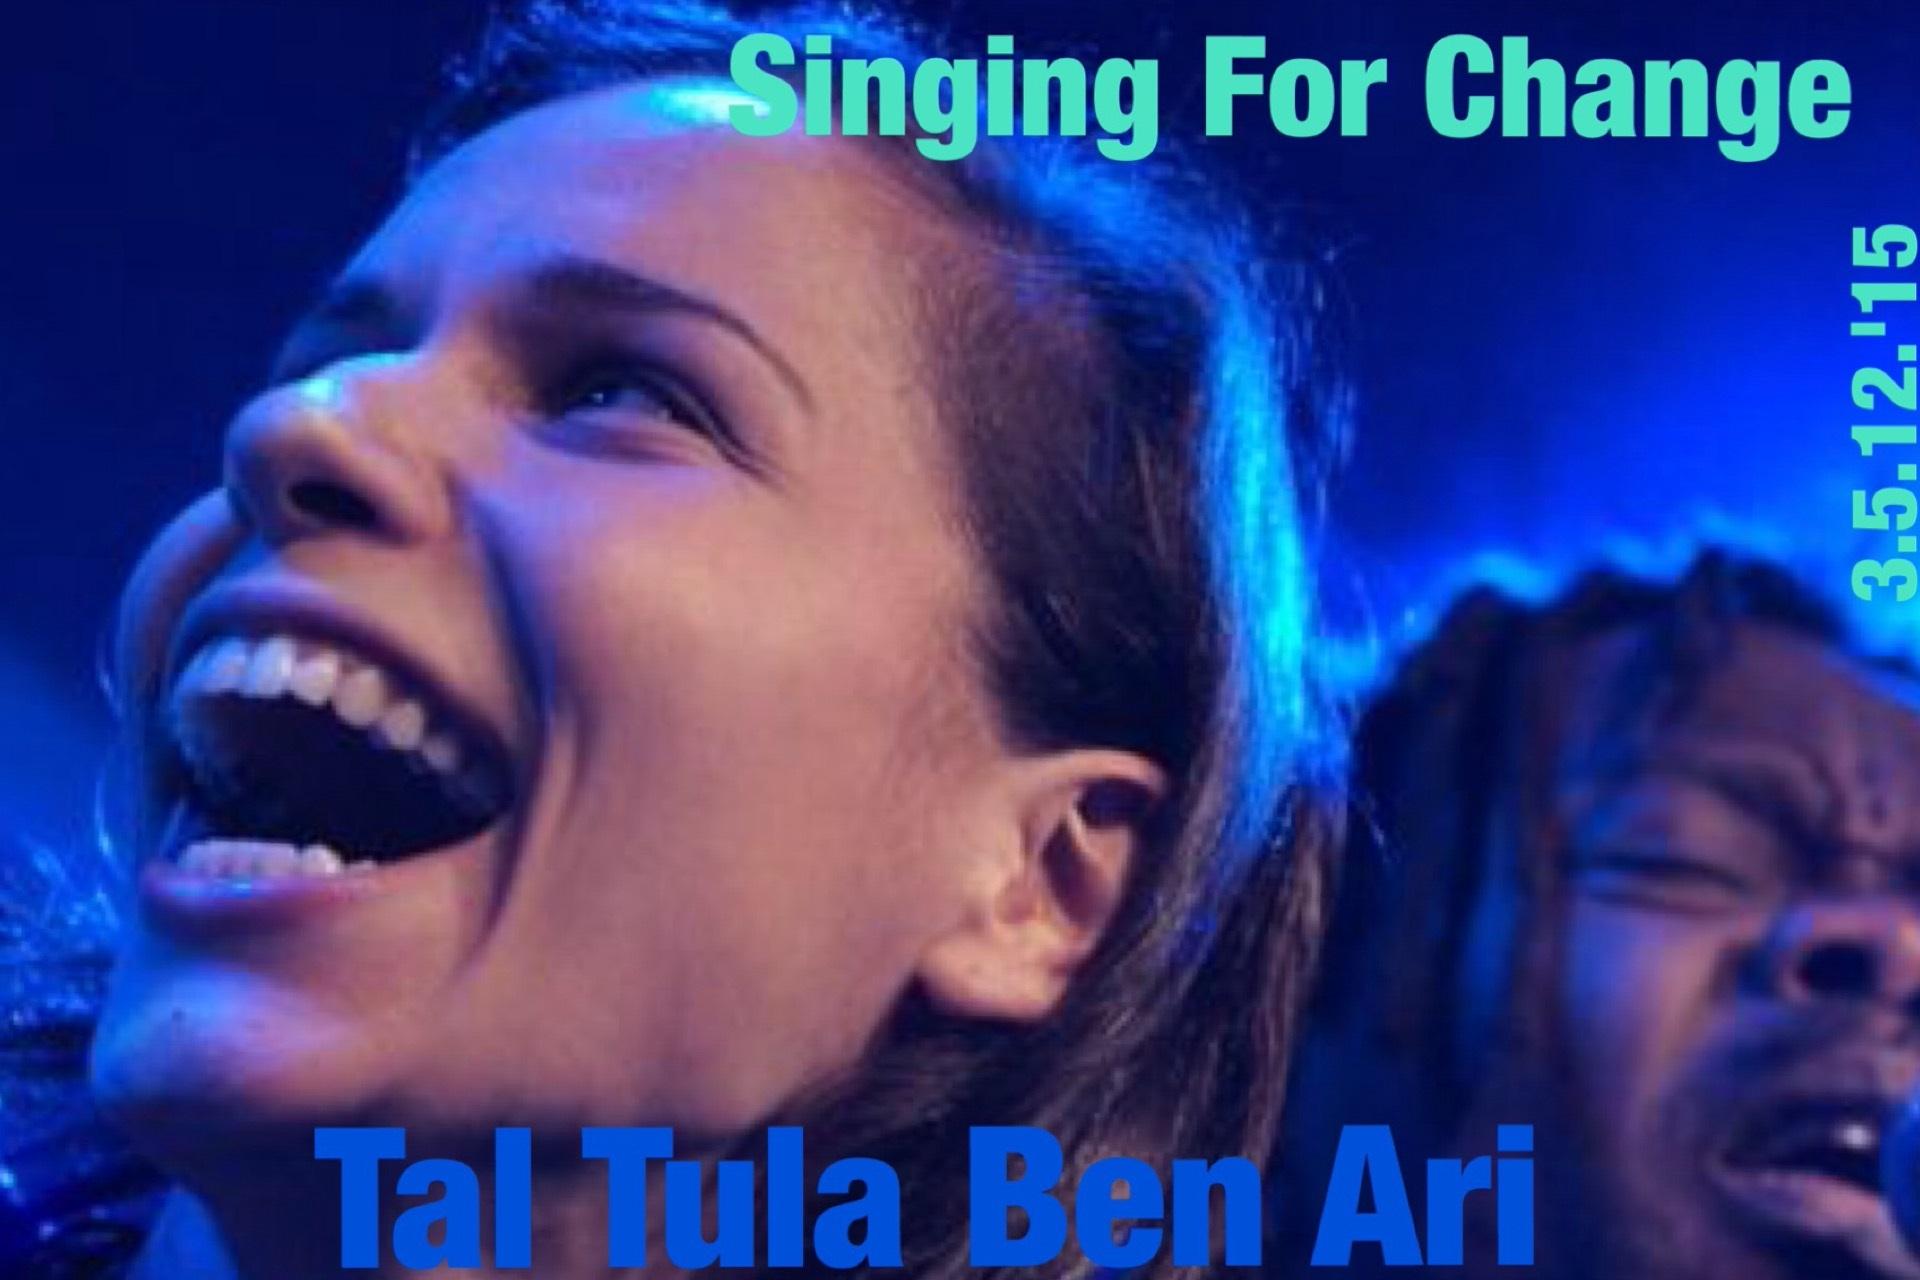 טולה בסטודיו טוביאנה בעזוז